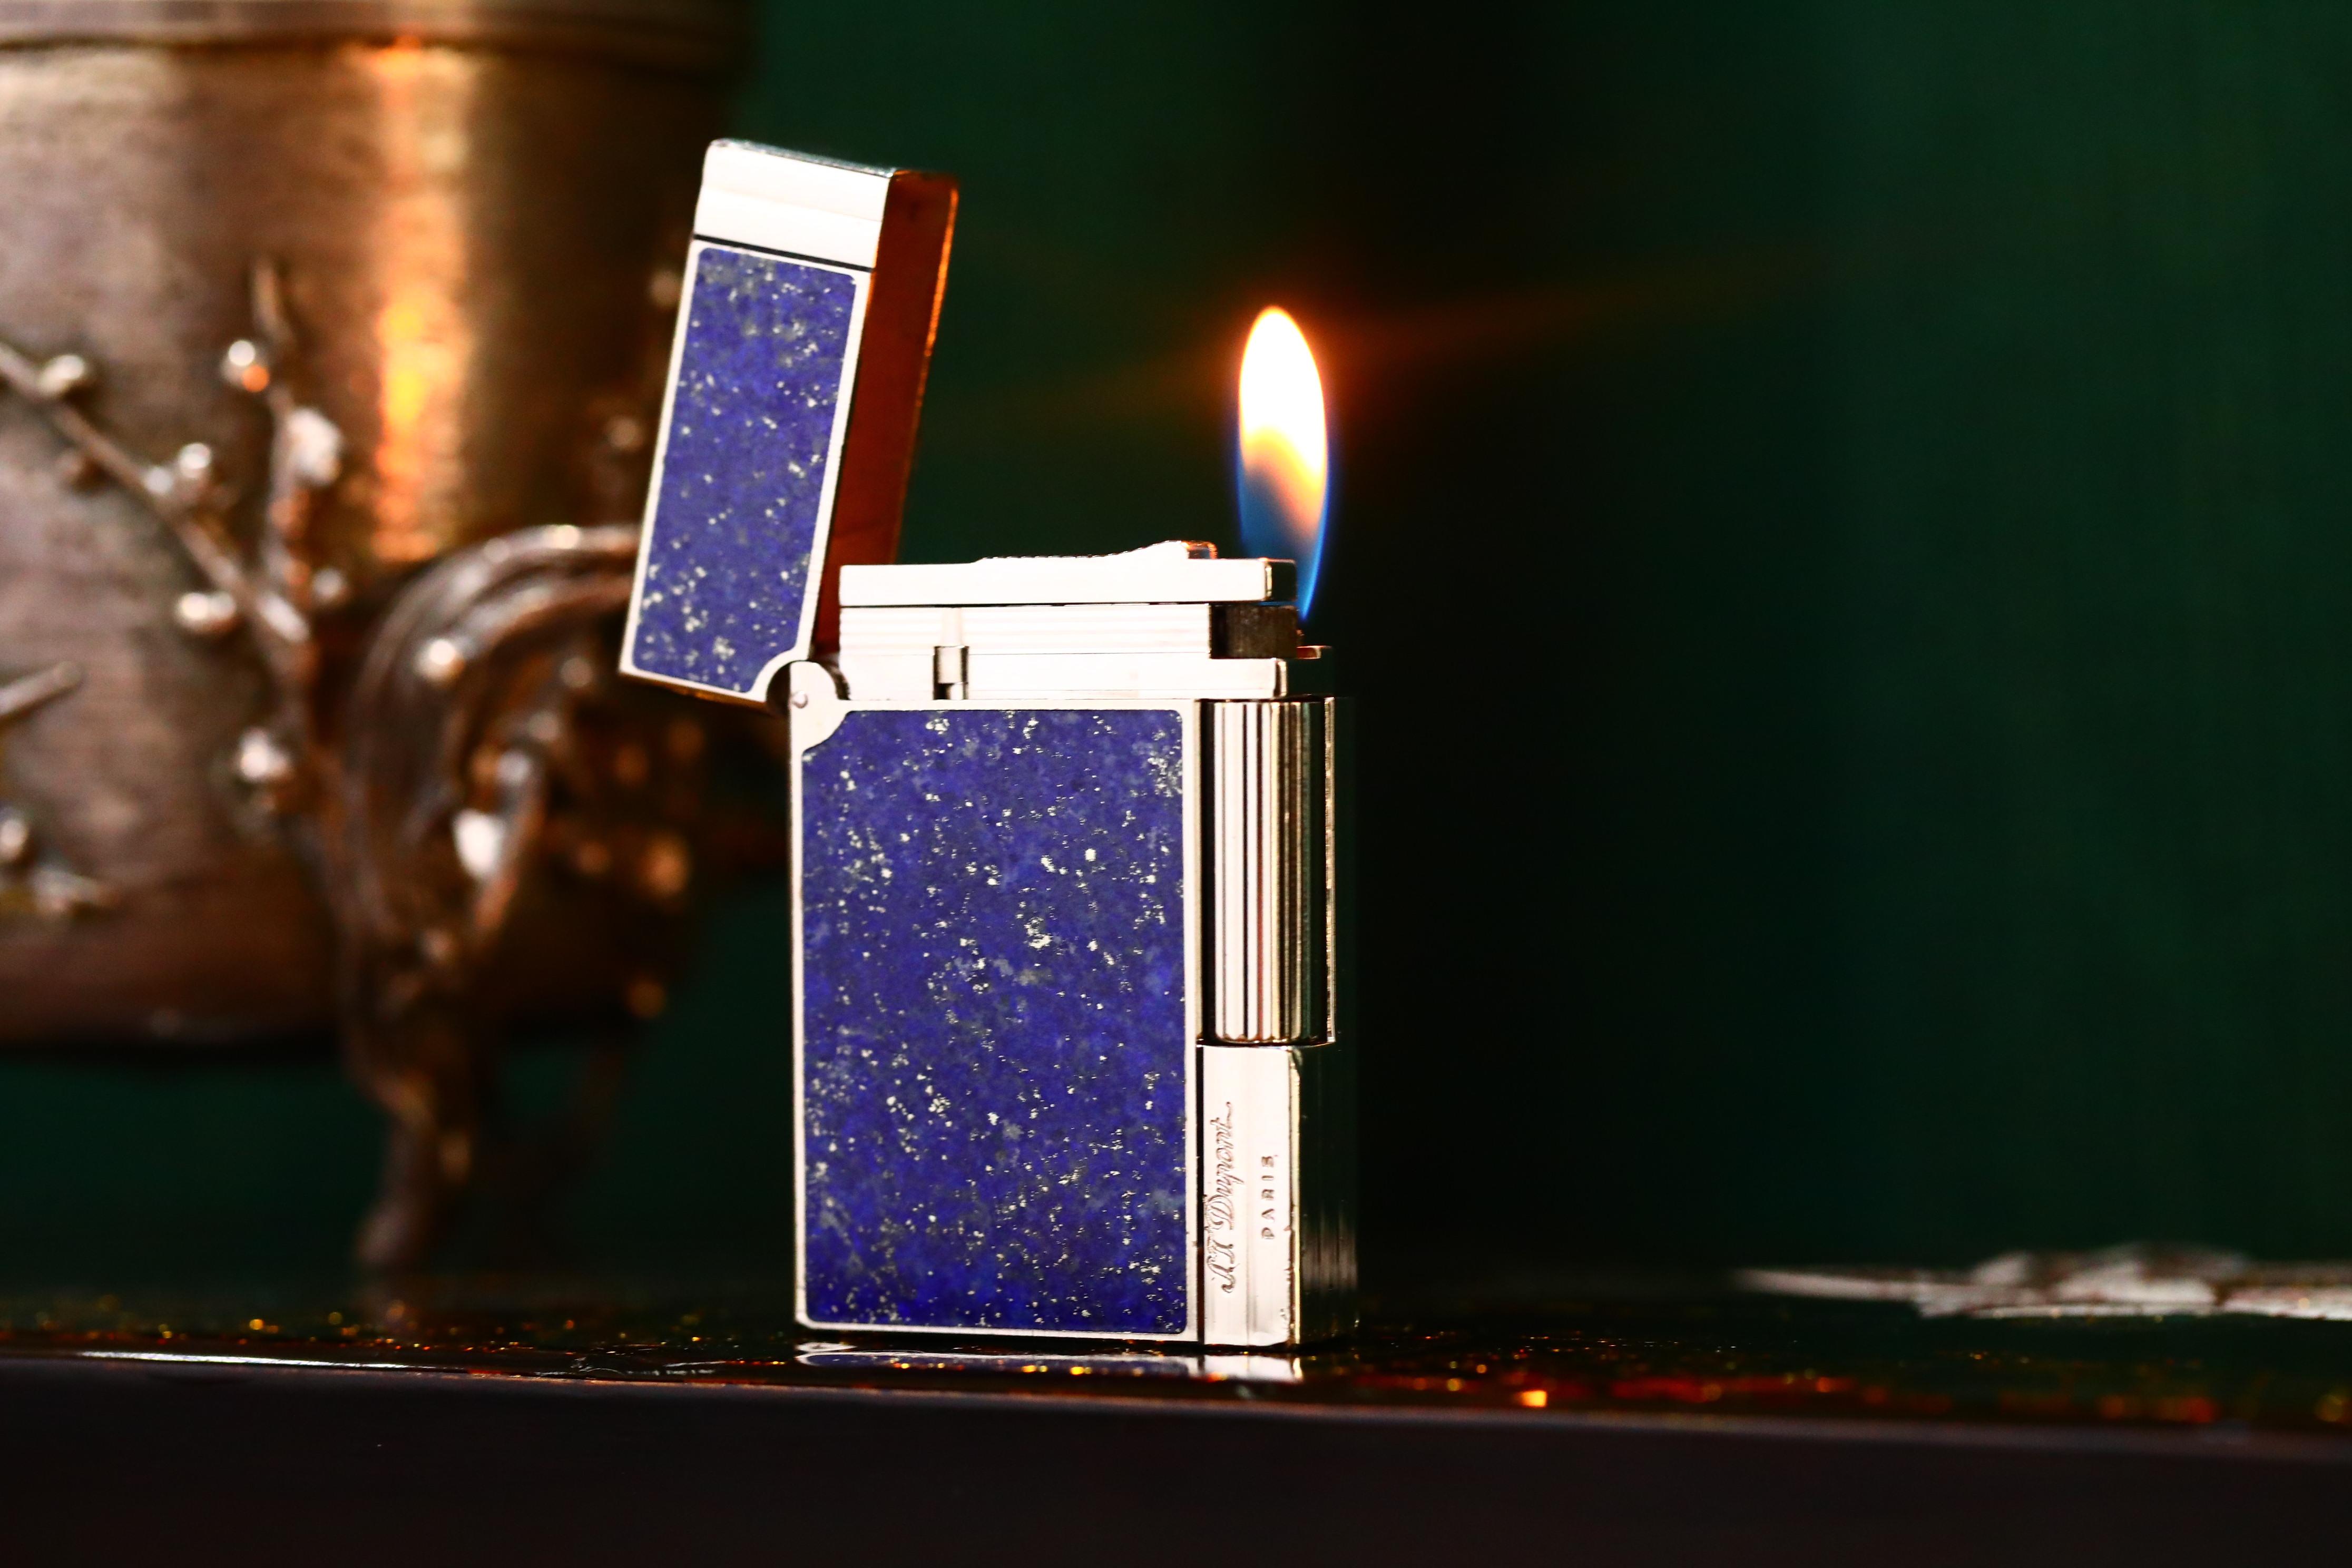 都彭盖茨比系列气体打火机青金石镶嵌,饱含深意只为赠予你